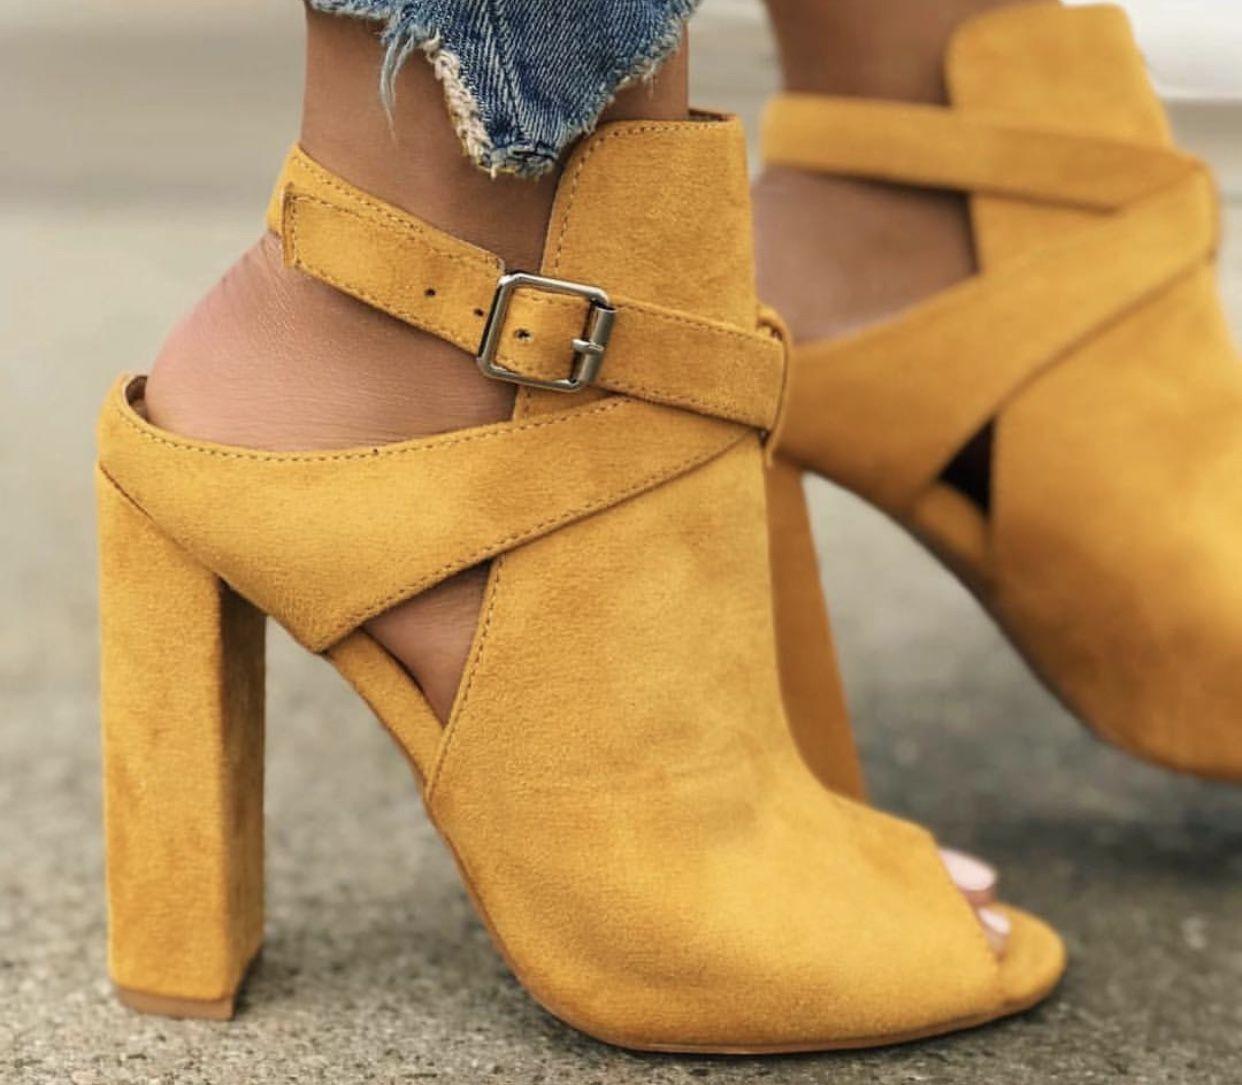 女士PU凉鞋休闲套穿大码鞋- cuteshoeswear slippers cute slippers outfit